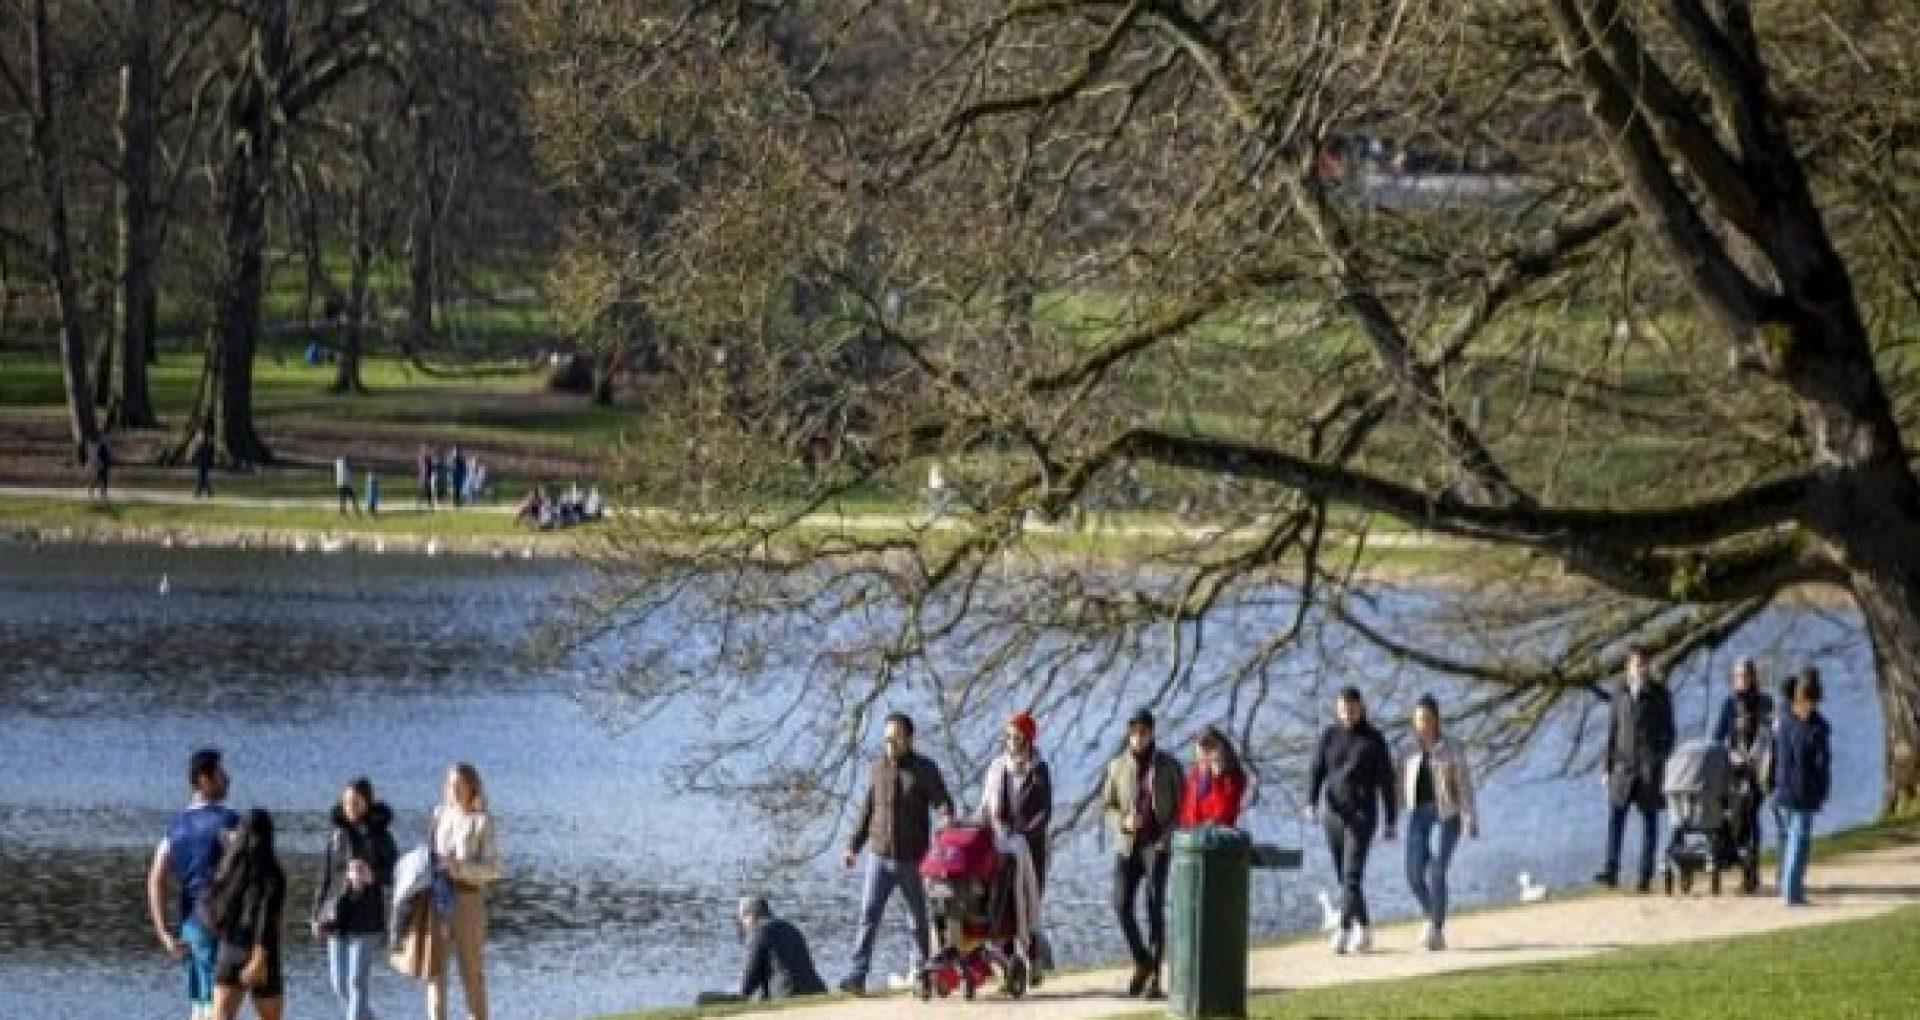 Comisia pentru Situații Excepționale a municipiului Bălți a dispus permiterea circulației persoanelor în parcuri și păduri